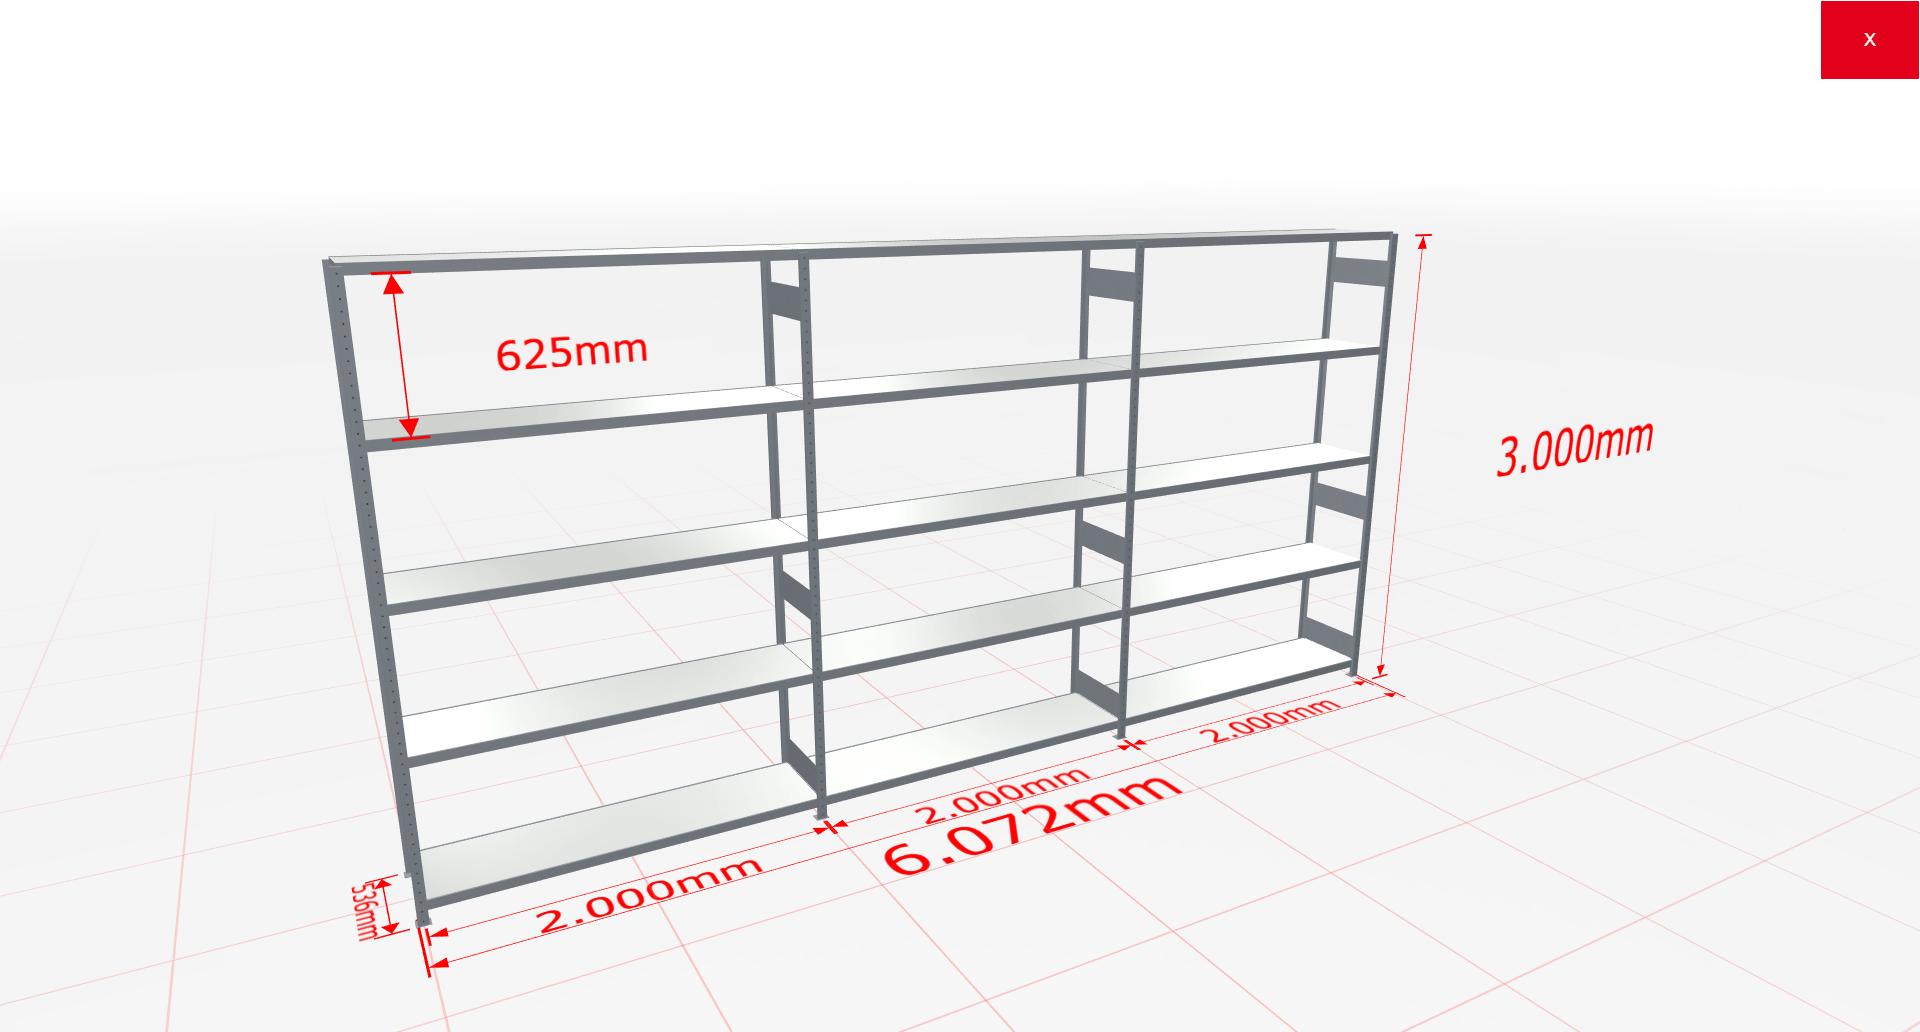 Weitspannregal Komplettregal 3000x6072x500 mm (HxBxT) SCHULTE Lagertechnik verzinkt mit Stahlböden